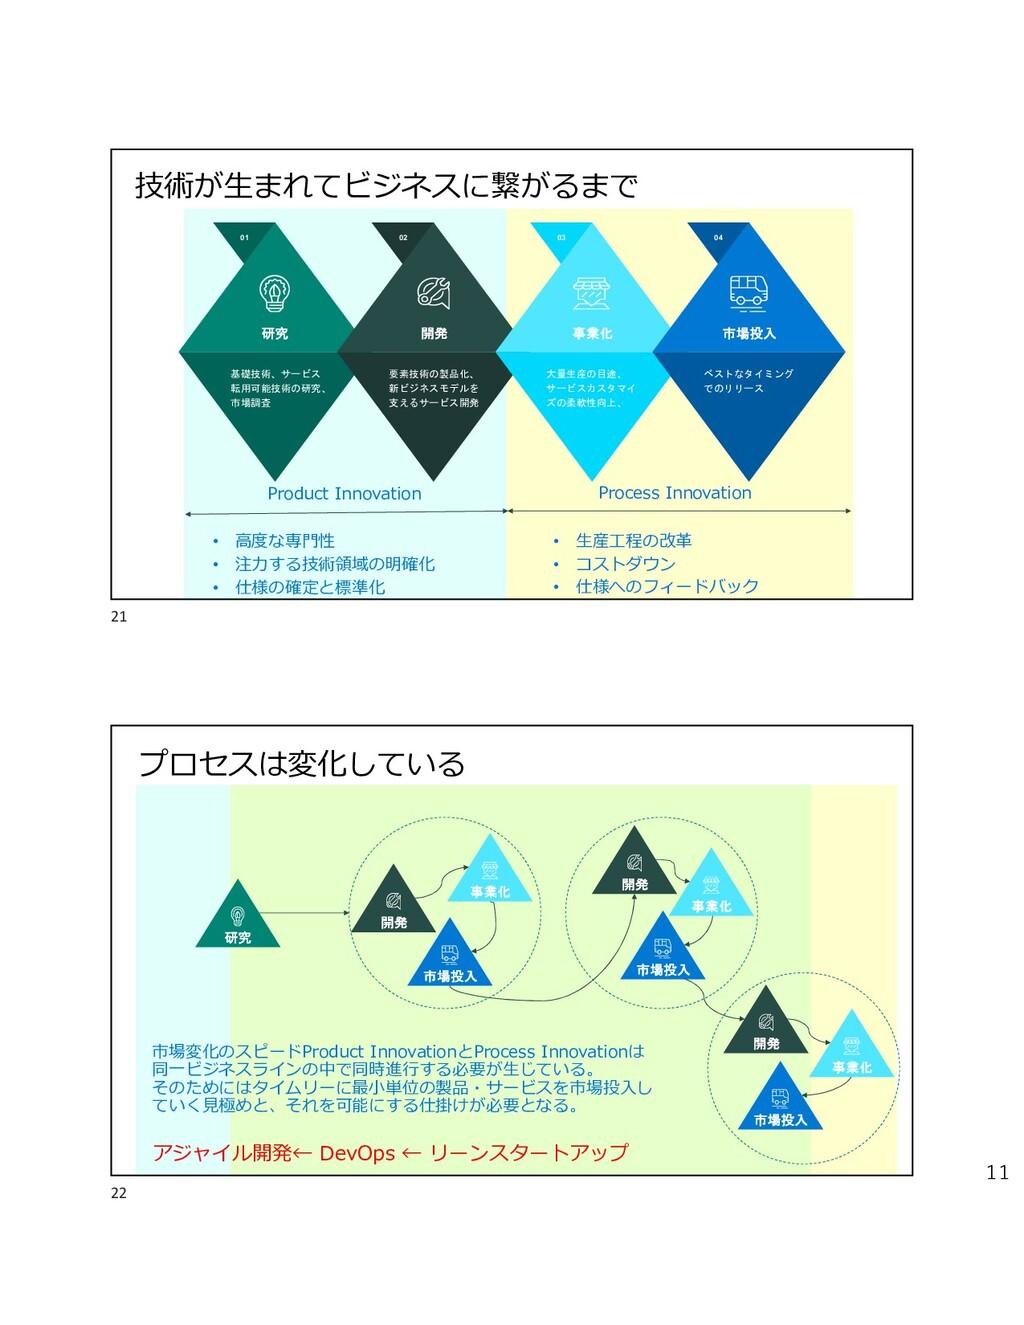 11 01 基礎技術、サービス 転用可能技術の研究、 市場調査 研究 02 開発 要素技術の製...